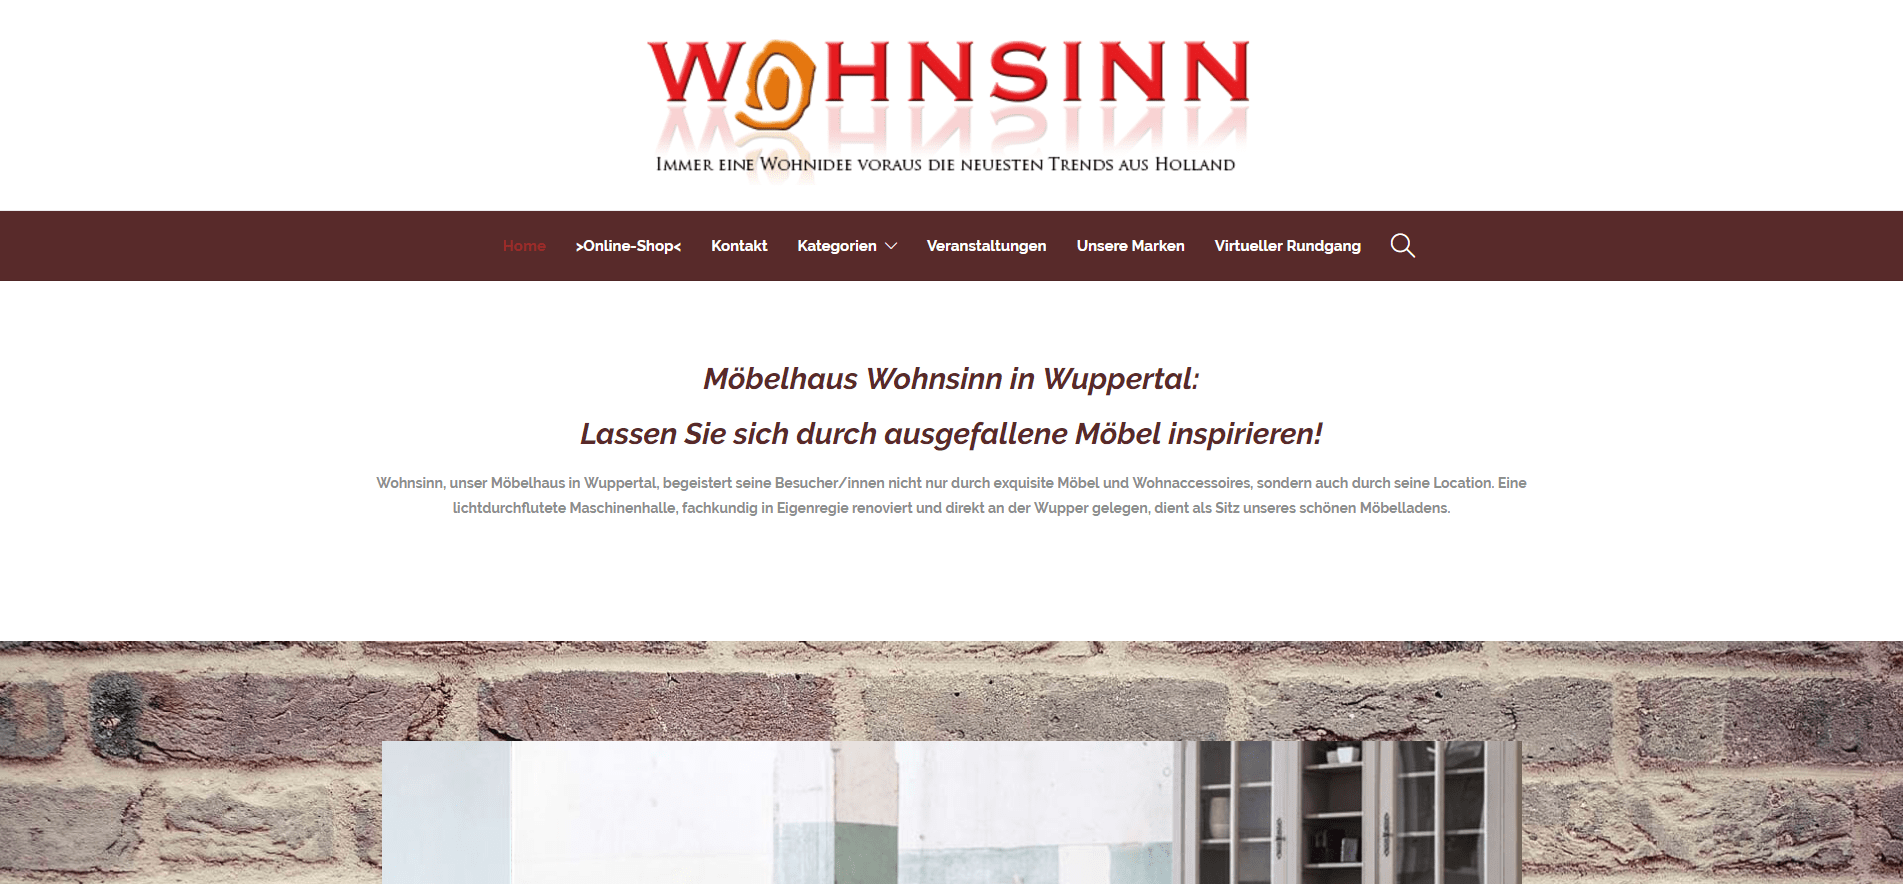 Wohnsinn Ihr Möbelhaus in Wuppertal wohnsinn wuppertal.de